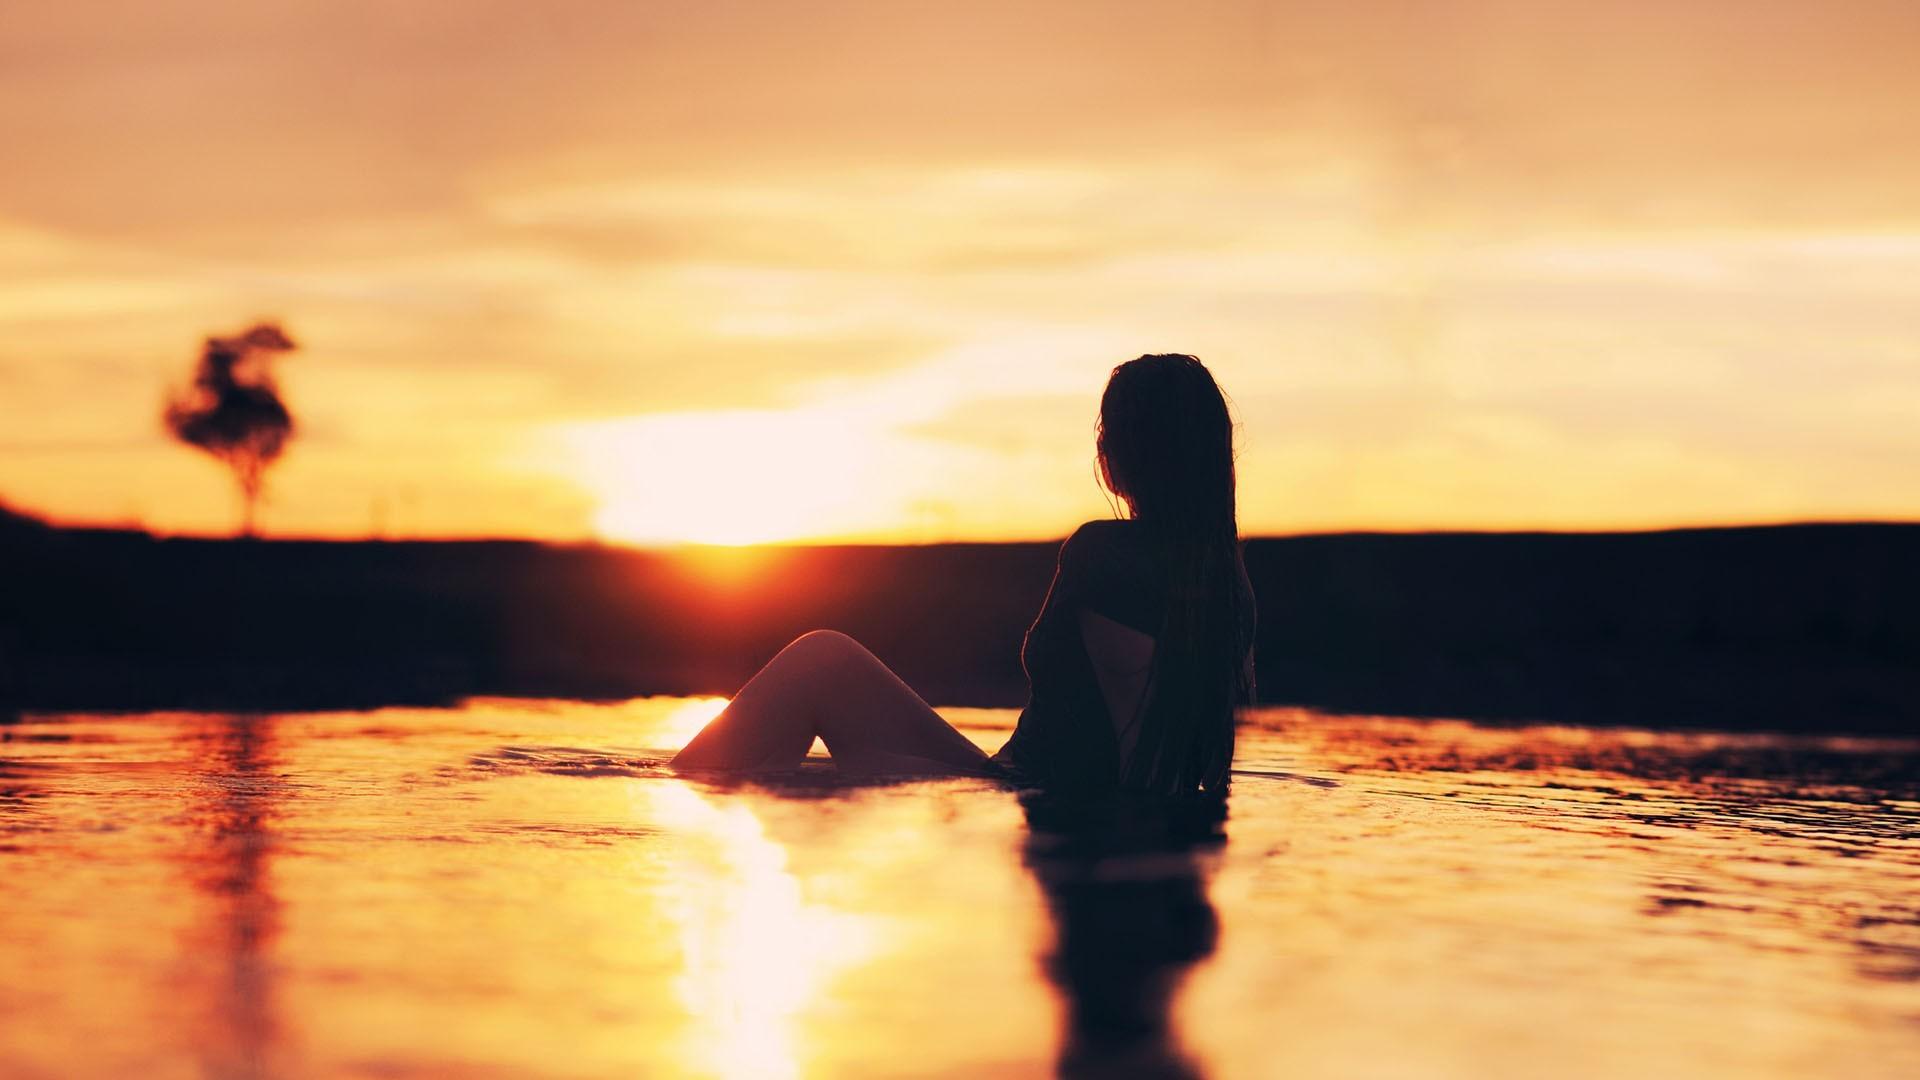 c915444a87 luz de sol Mujeres al aire libre mujer puesta de sol mar agua reflexión al  aire